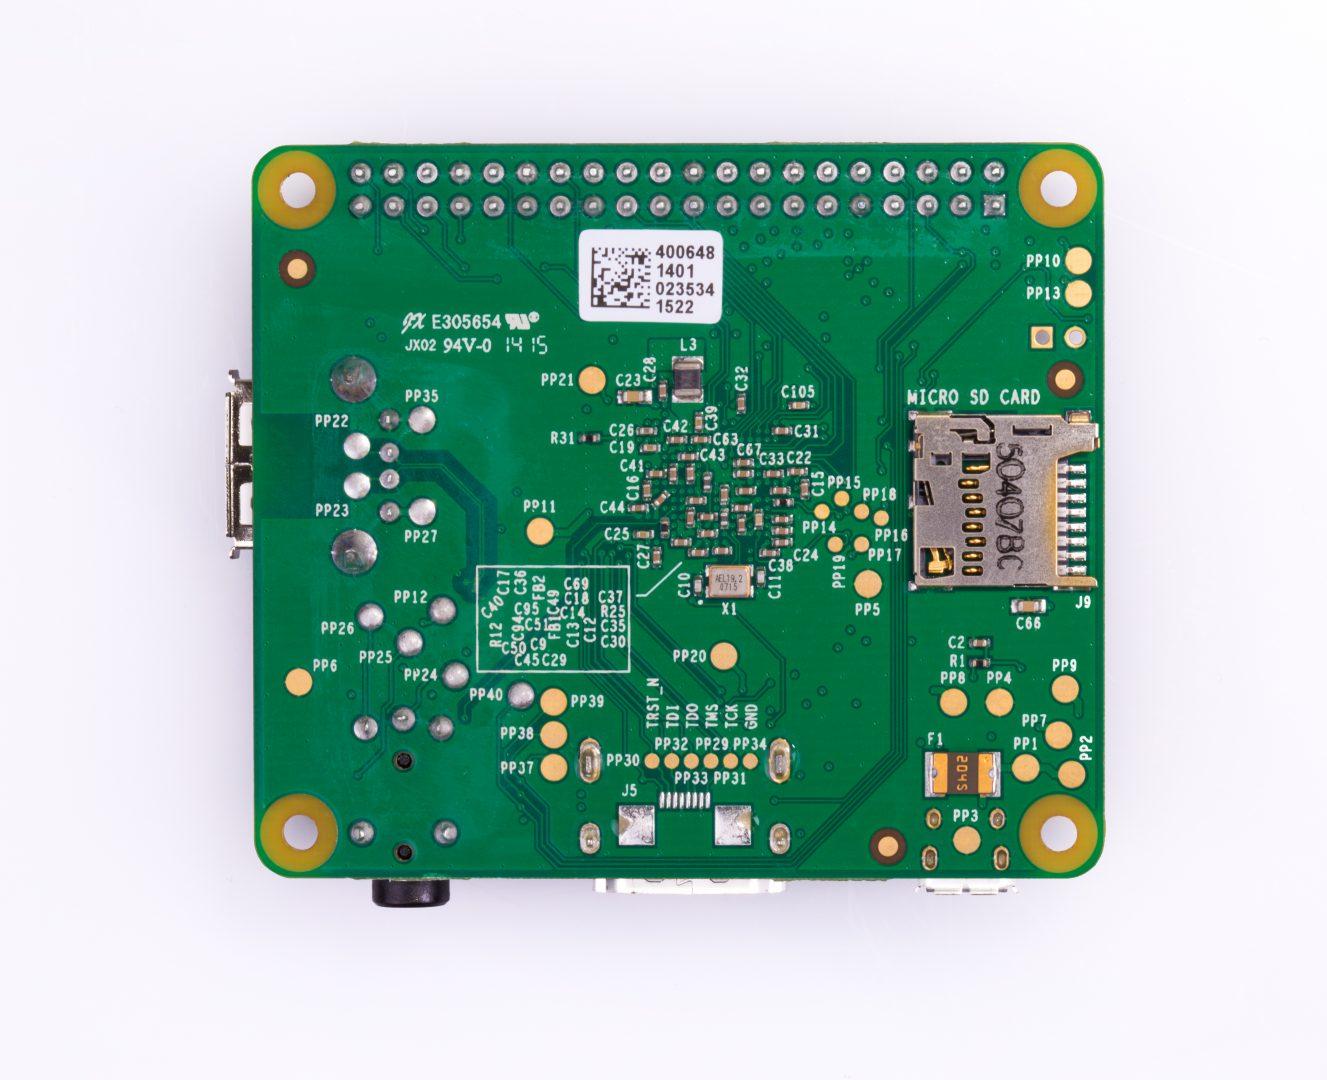 Raspberry Pi 1 Model A+ - Raspberry Pi